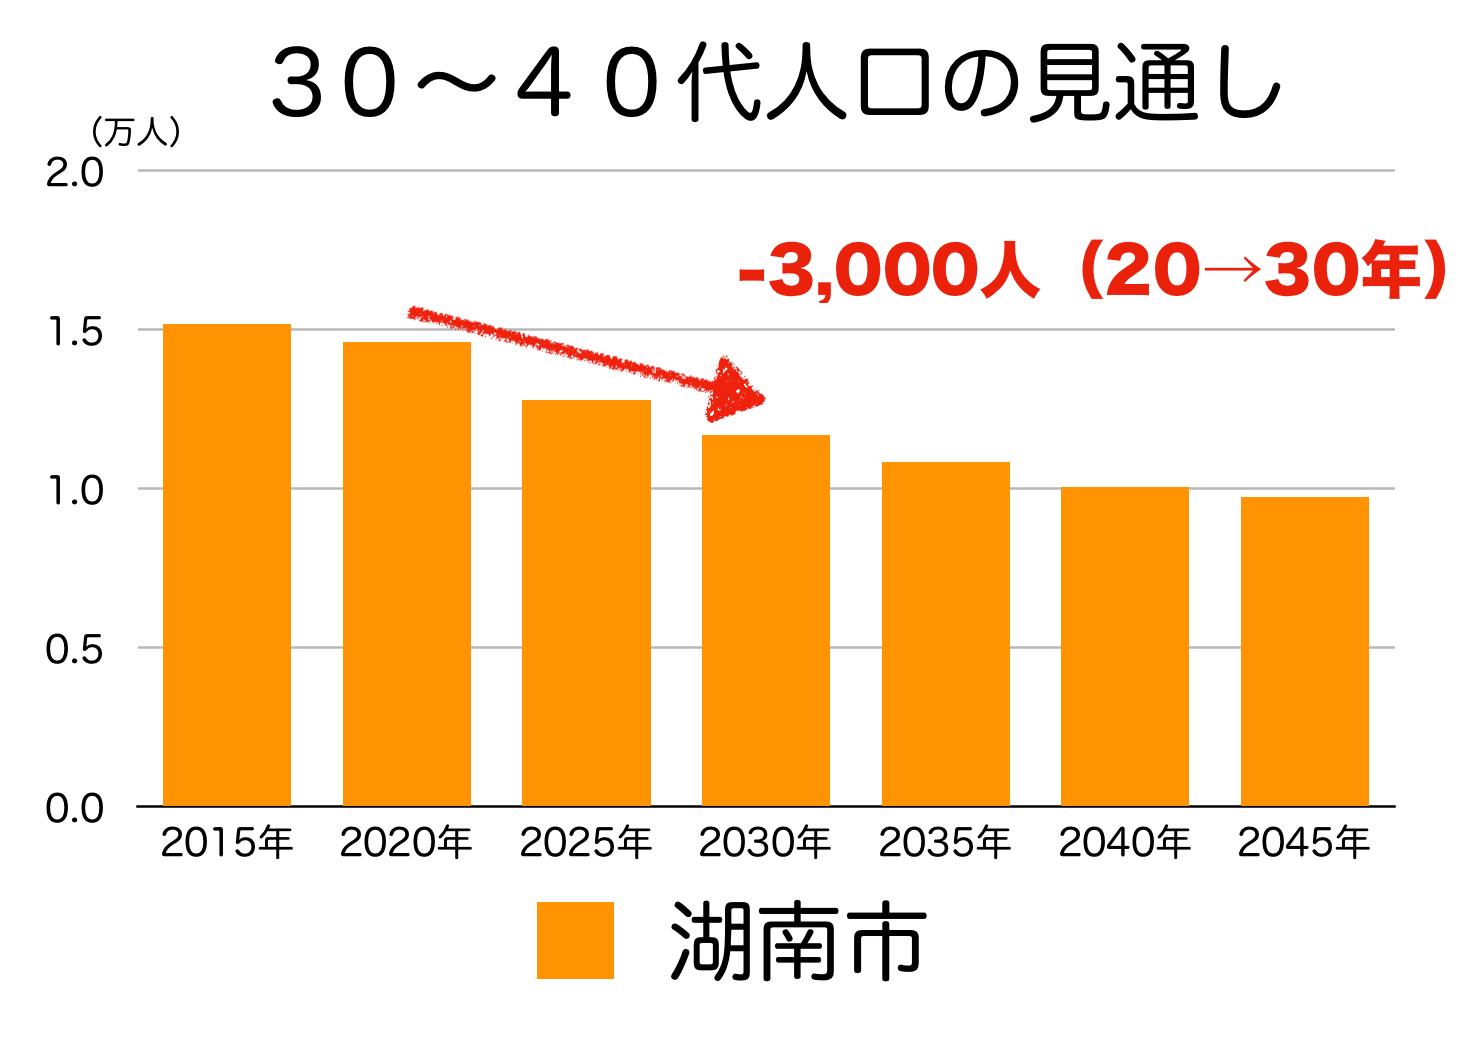 湖南市の30〜40代人口の予測